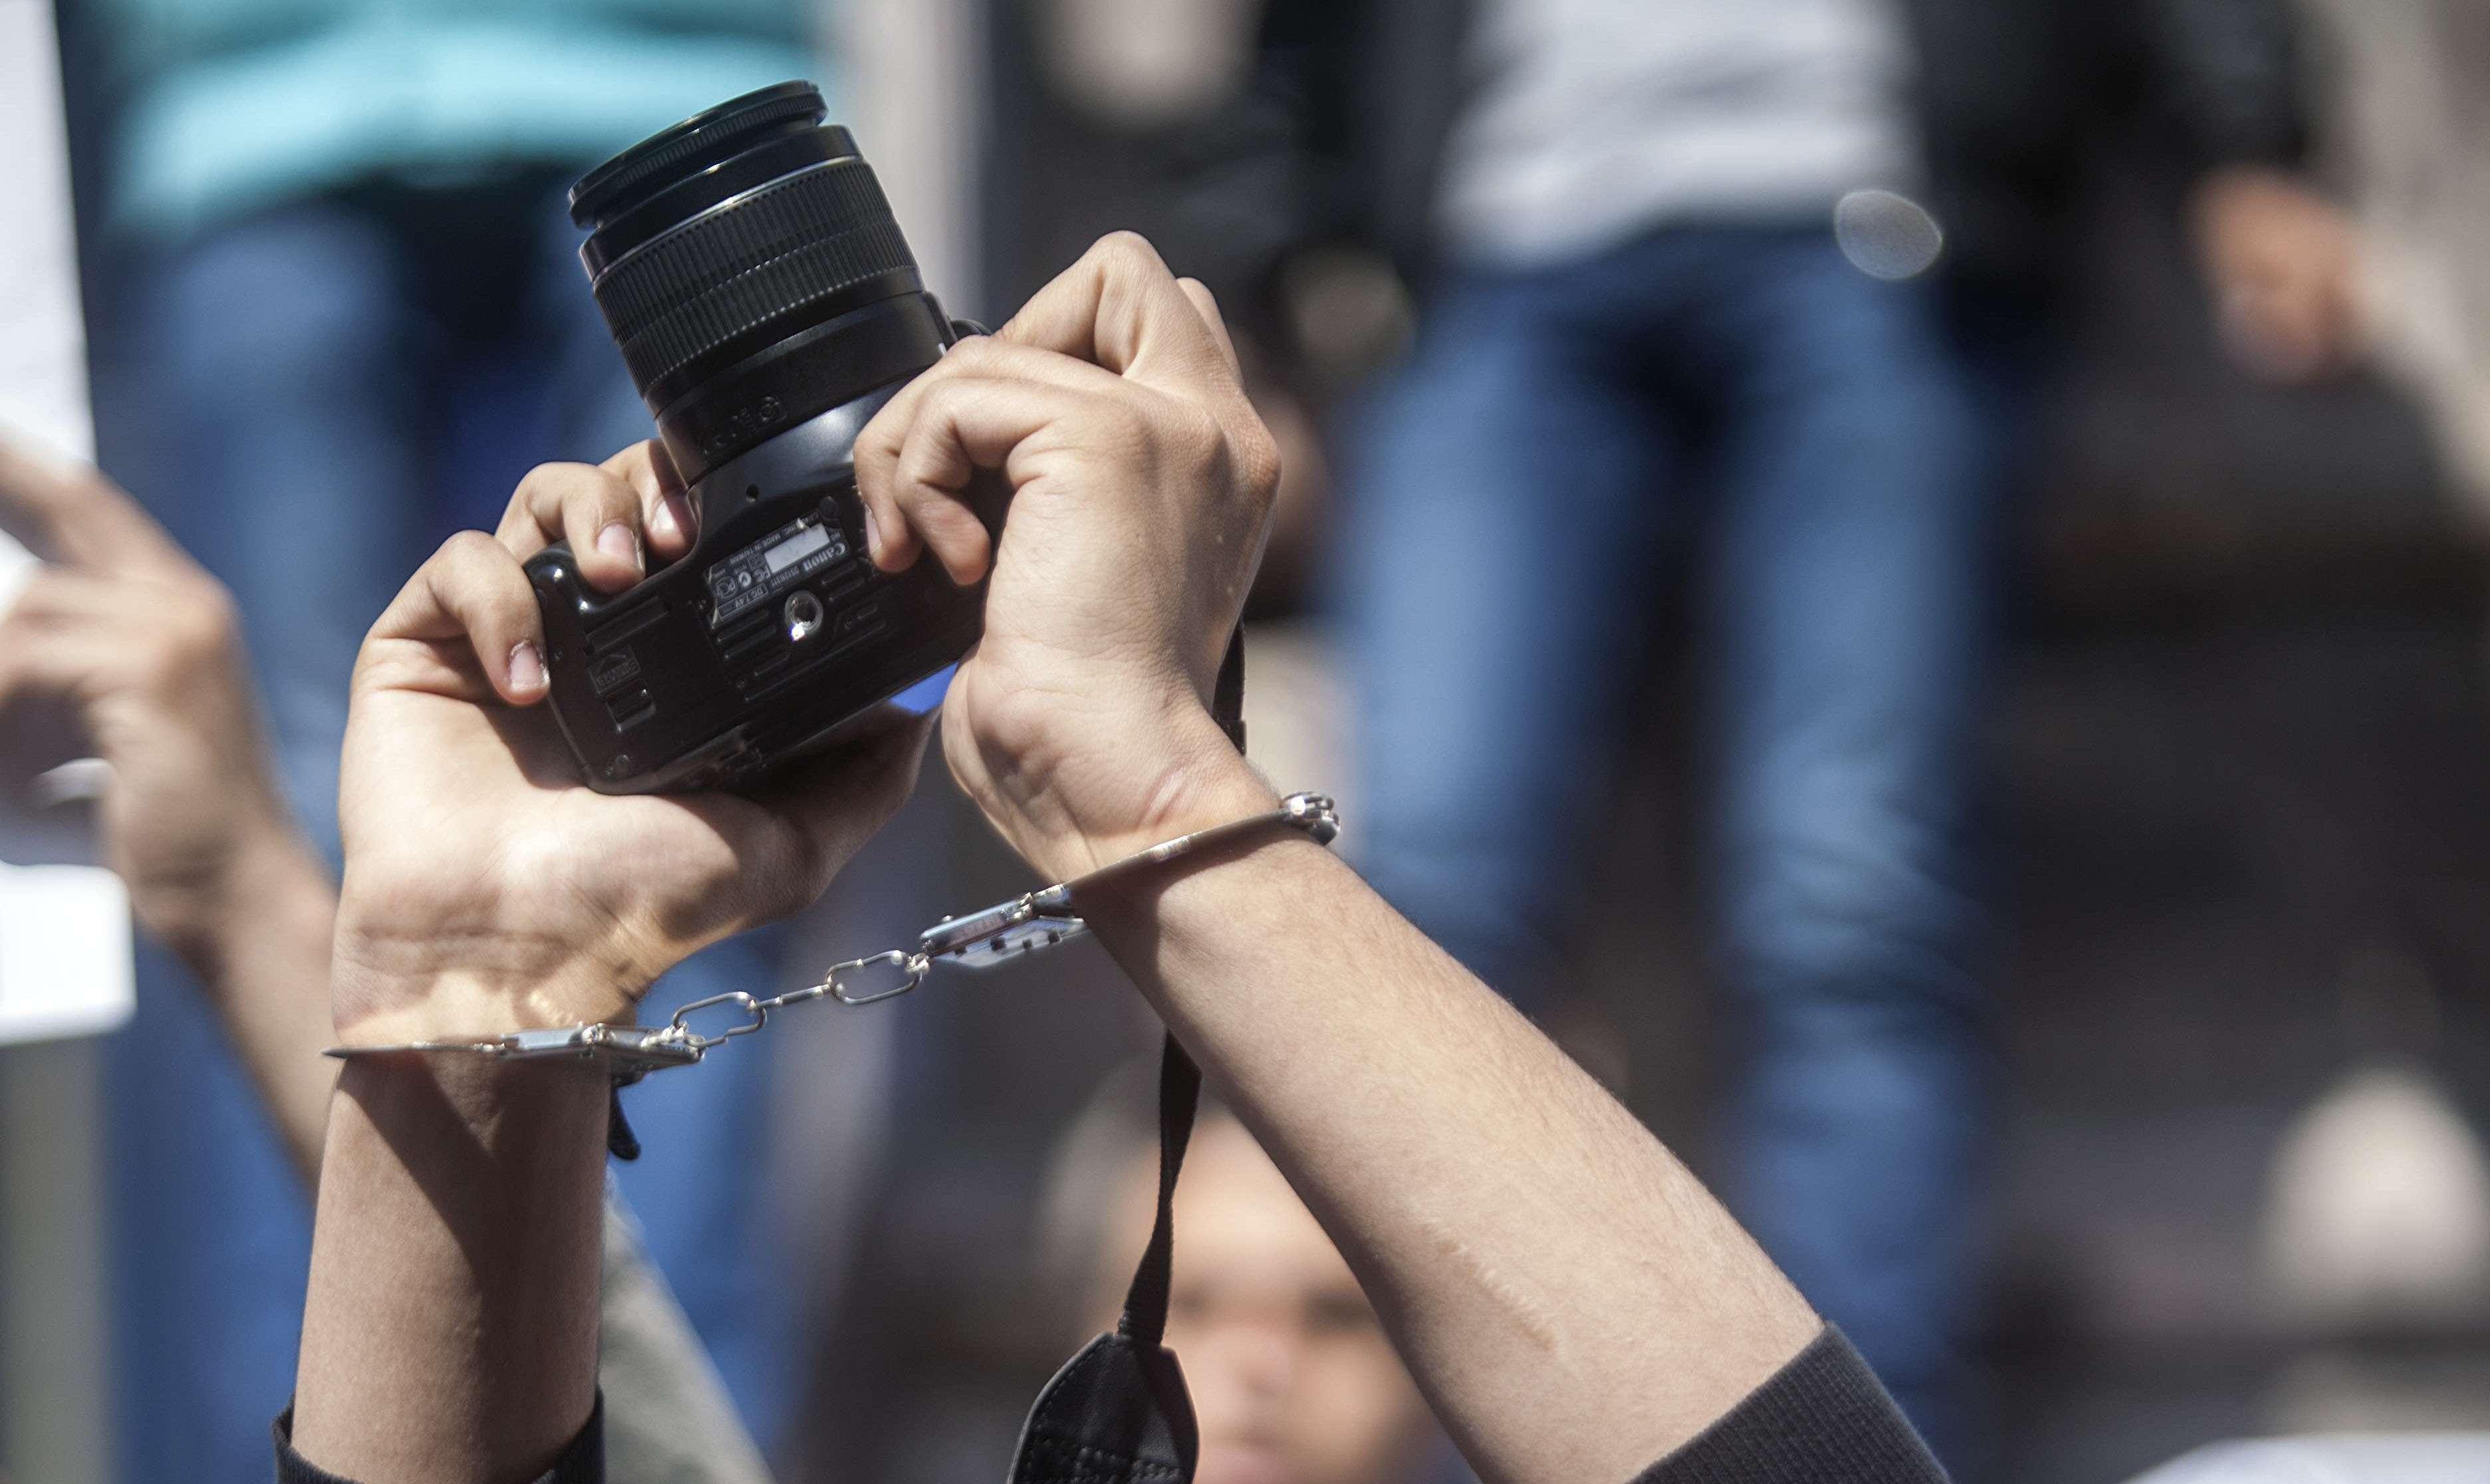 العمل الصحفي في مصر أصبح مغامرة وأعداد الصحفيين في السجون وصلت أرقاماً غير مسبوقة